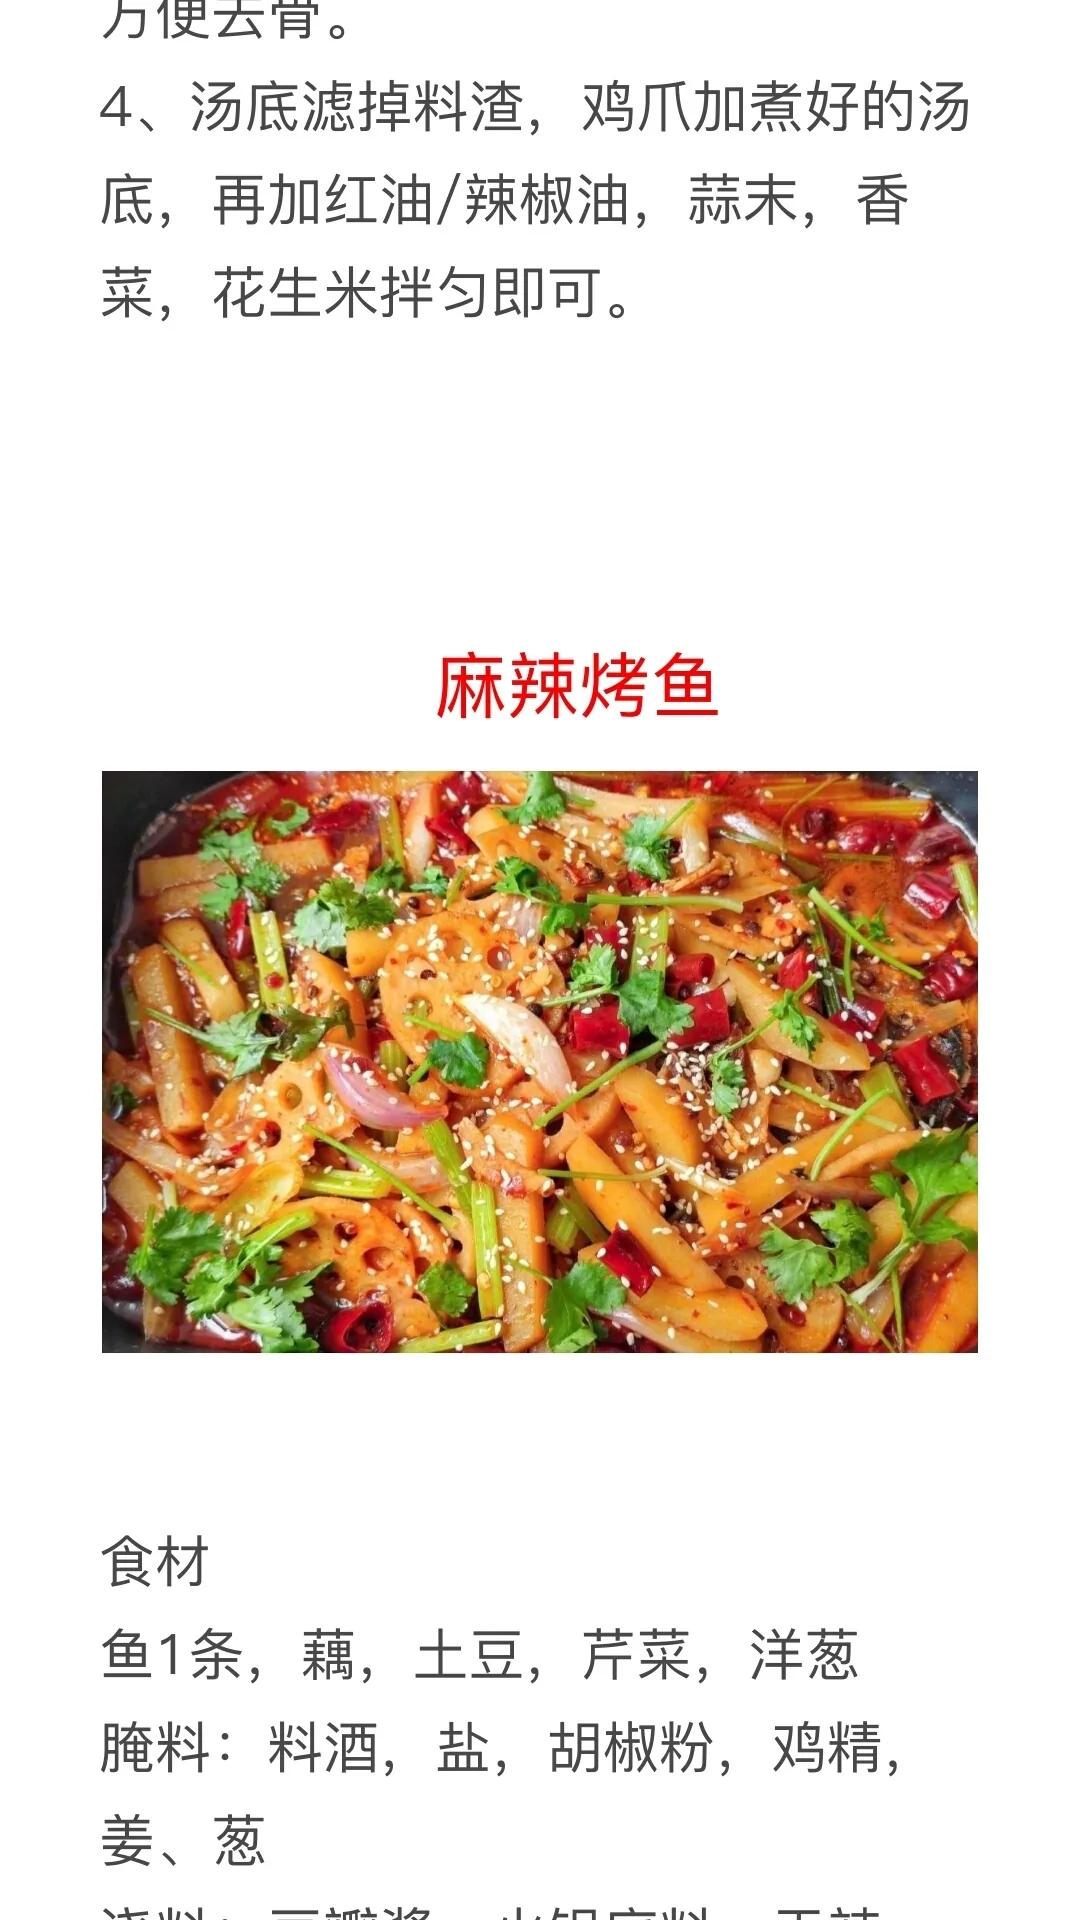 麻辣口味菜做法及配料 美食做法 第13张